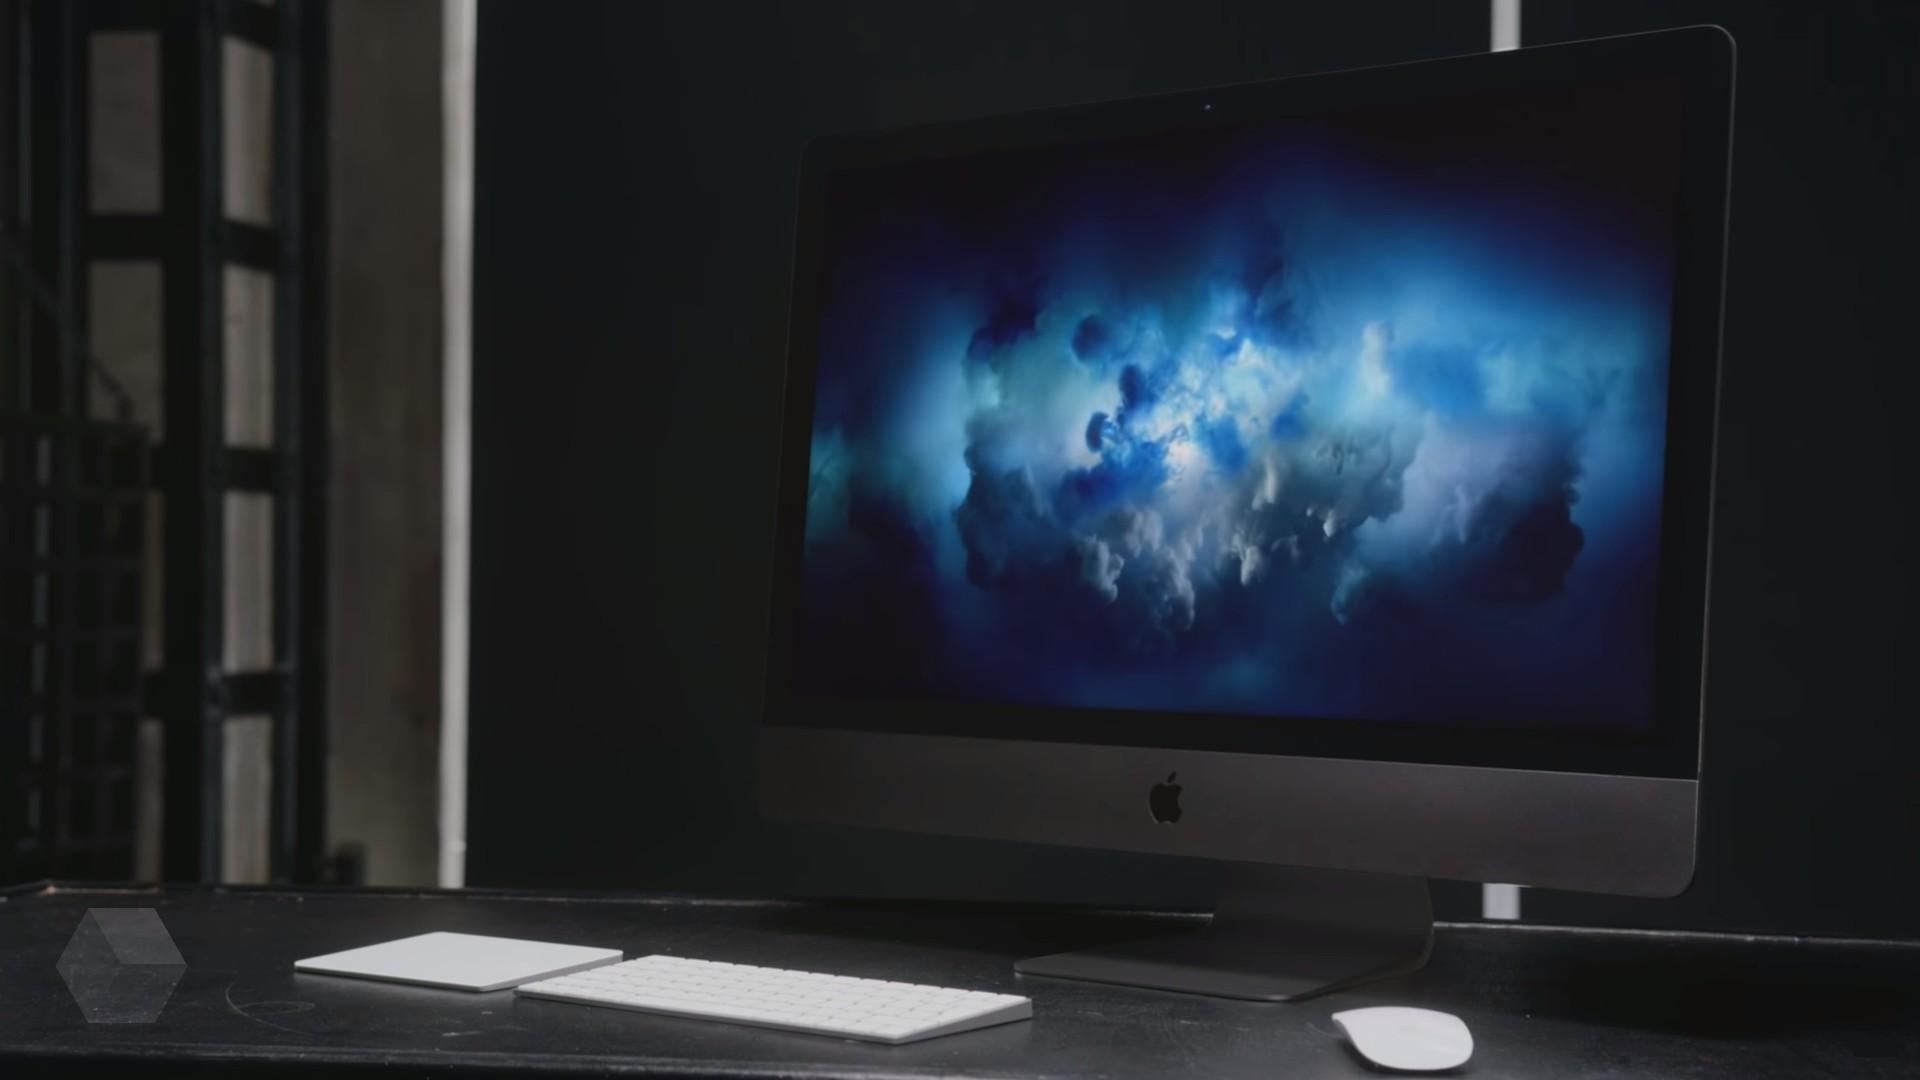 Четыре модели Mac «засветились» в евразийском реестре нотификаций